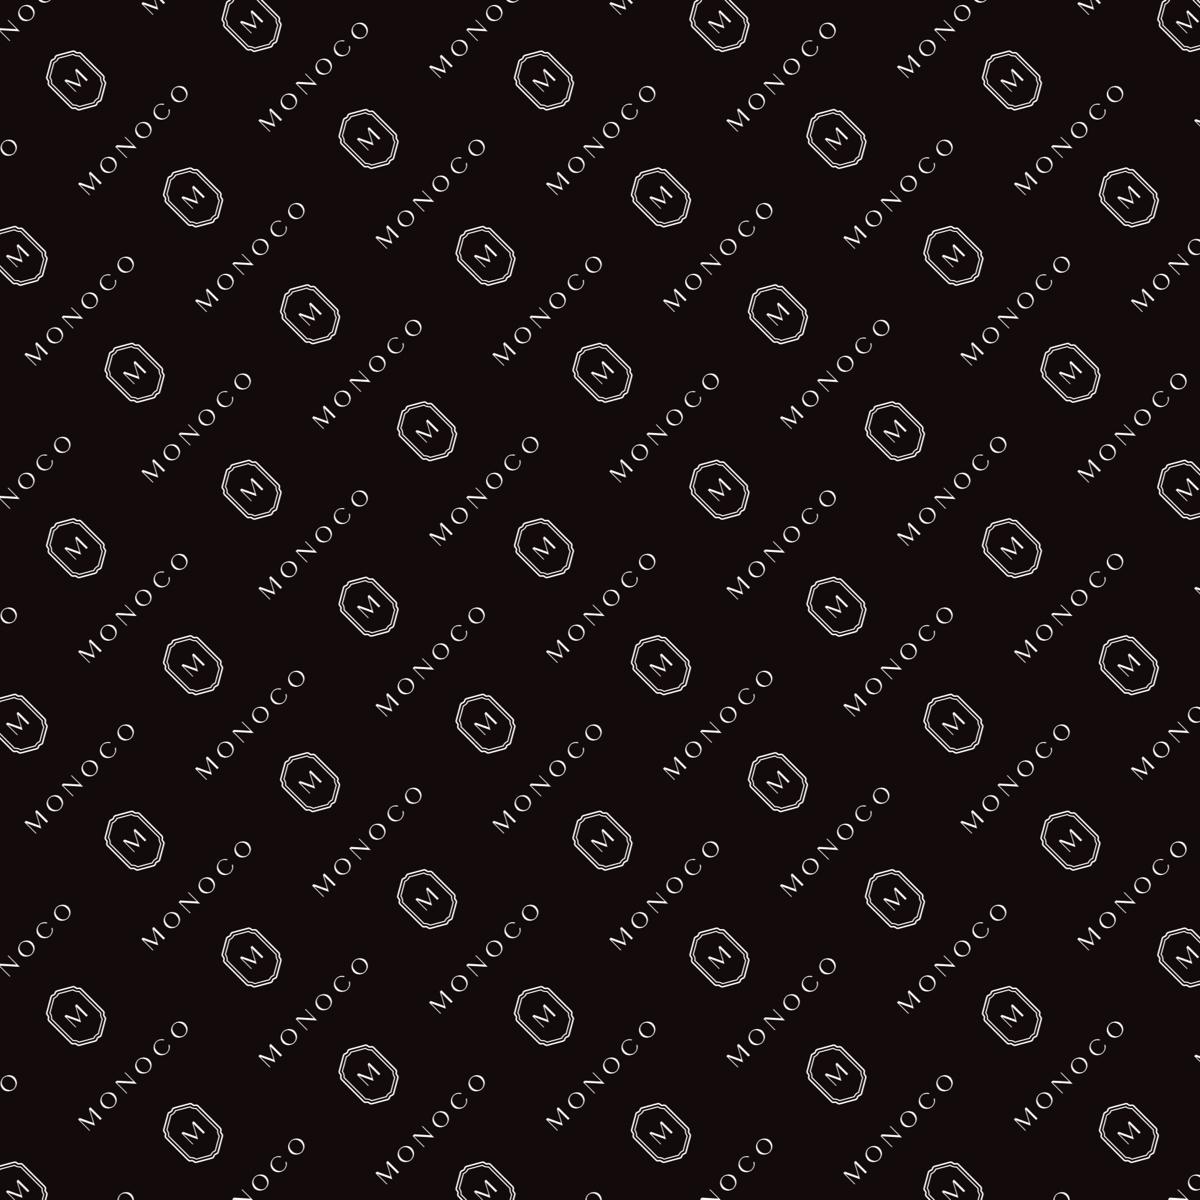 MONOCO ロゴが新しくなりました!